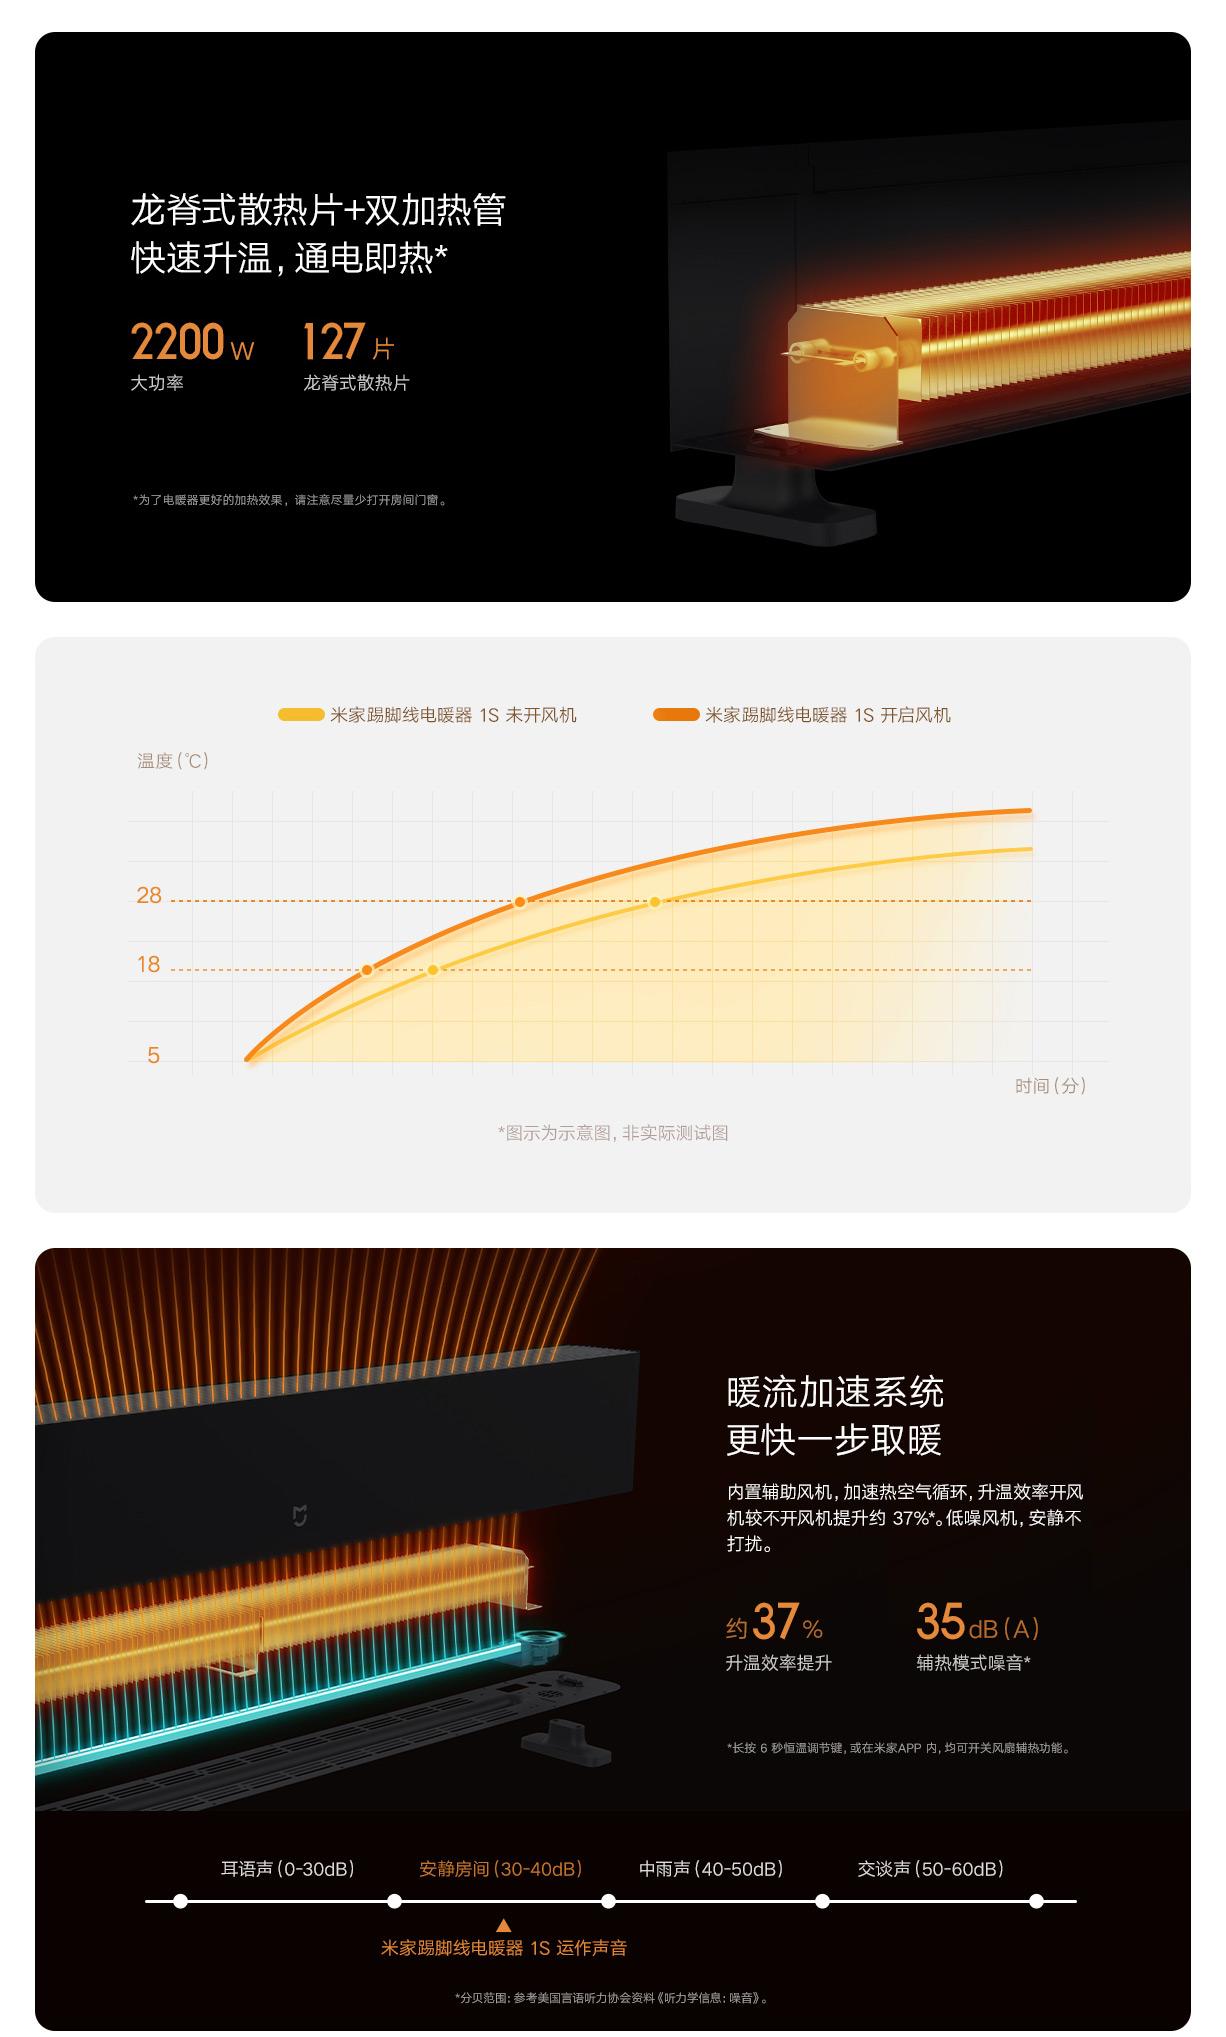 Xiaomi pone a la venta un nuevo radiador enorme bajo su marca Mijia